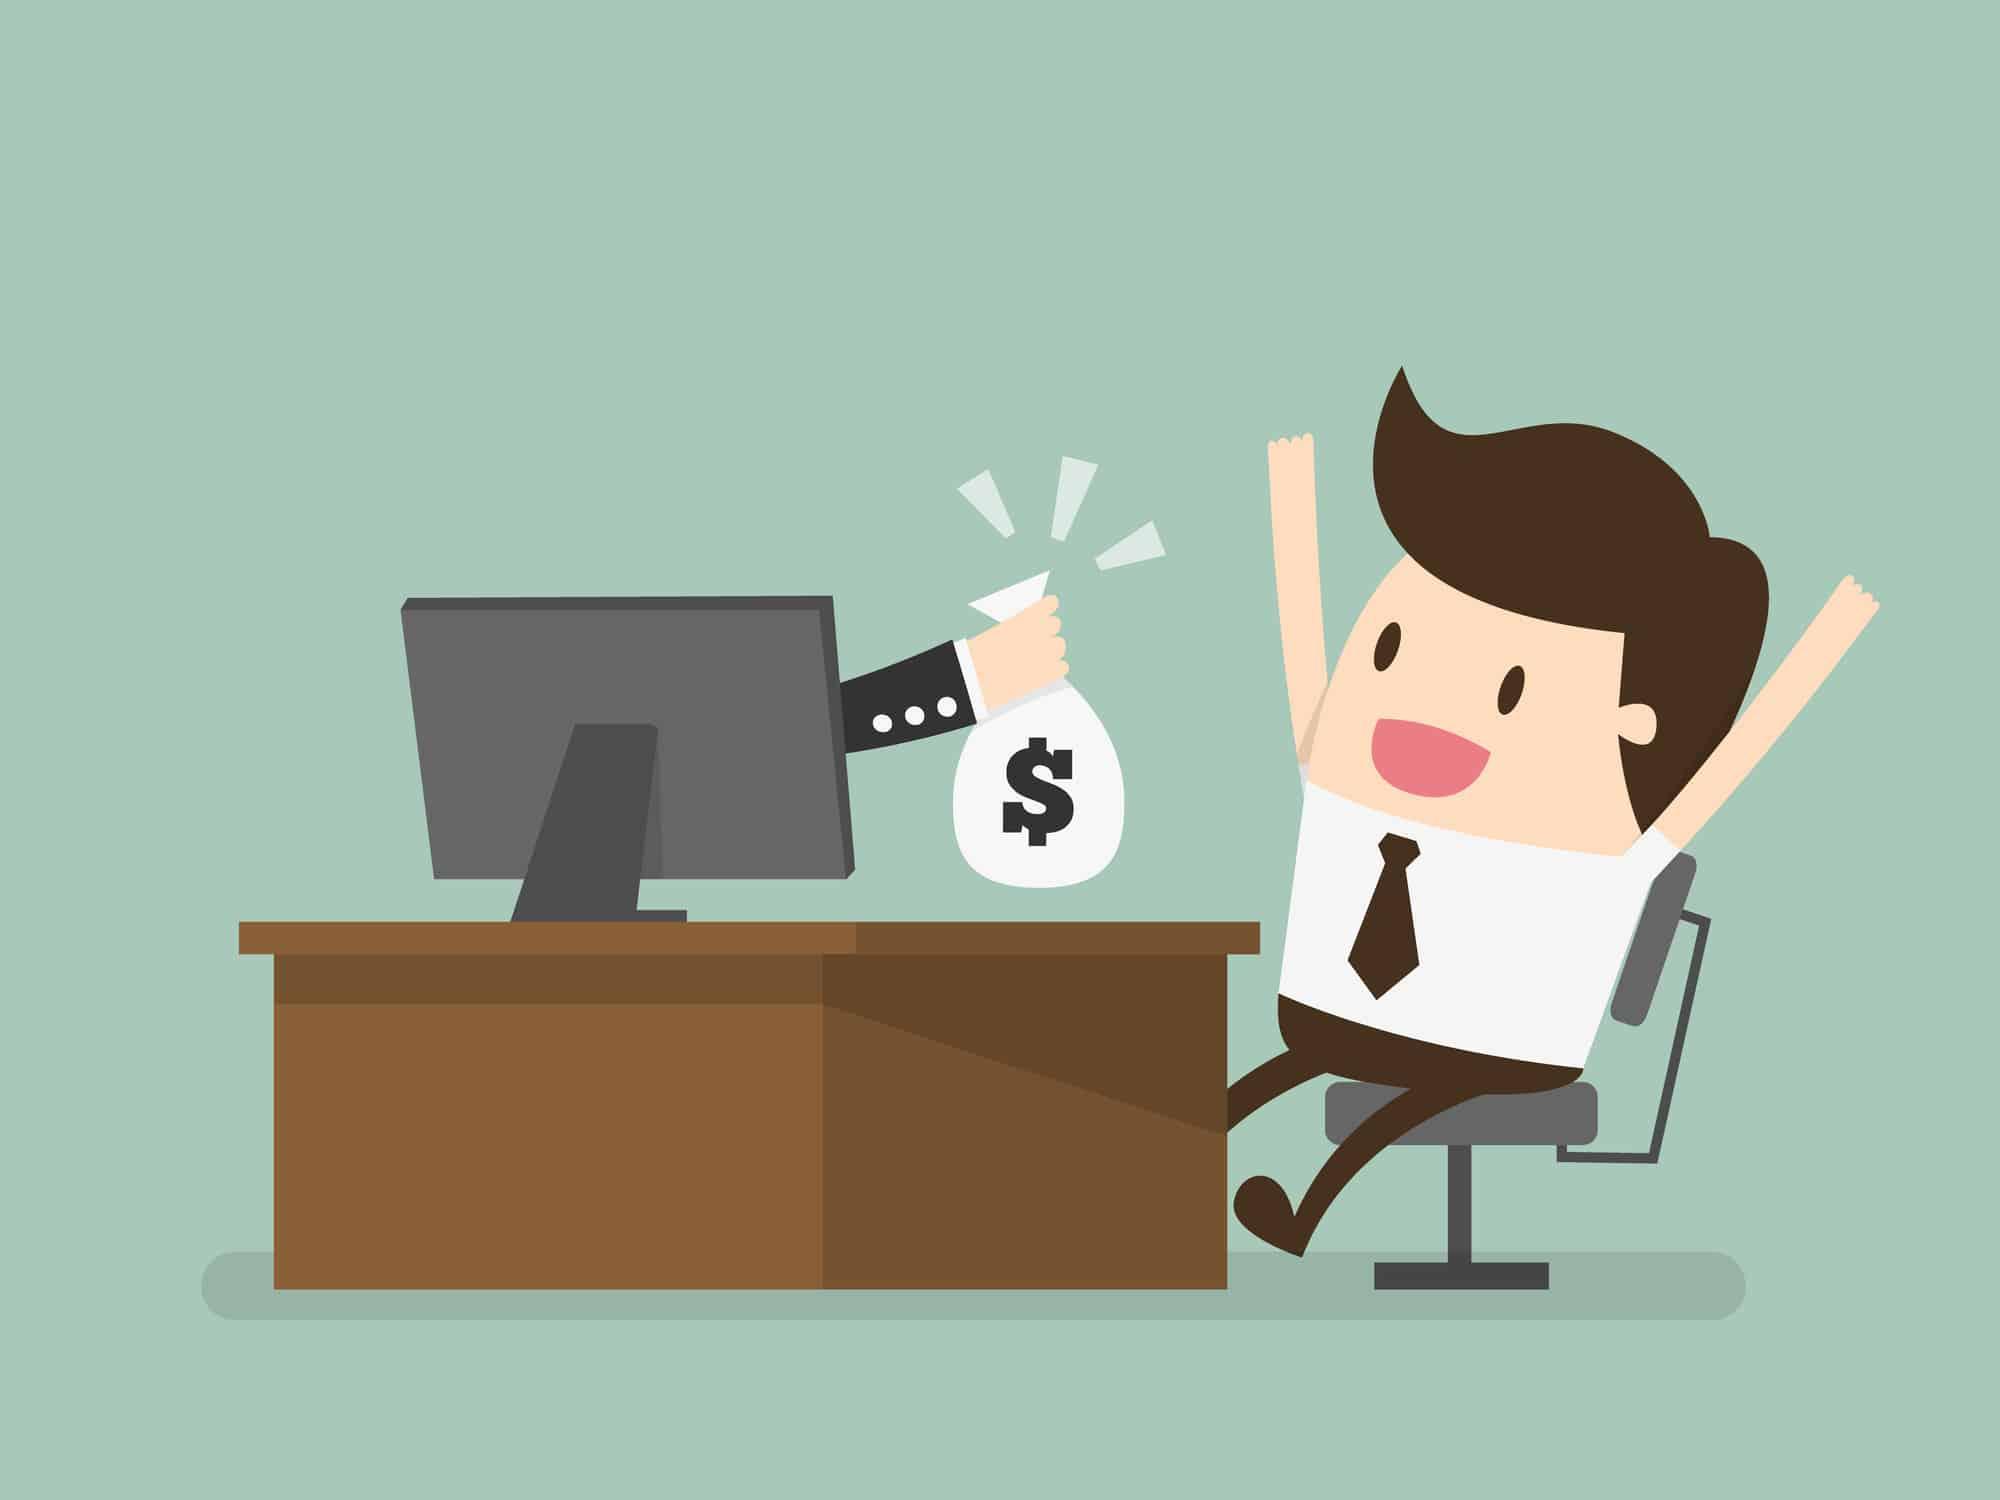 online geld verdienen tips en advies